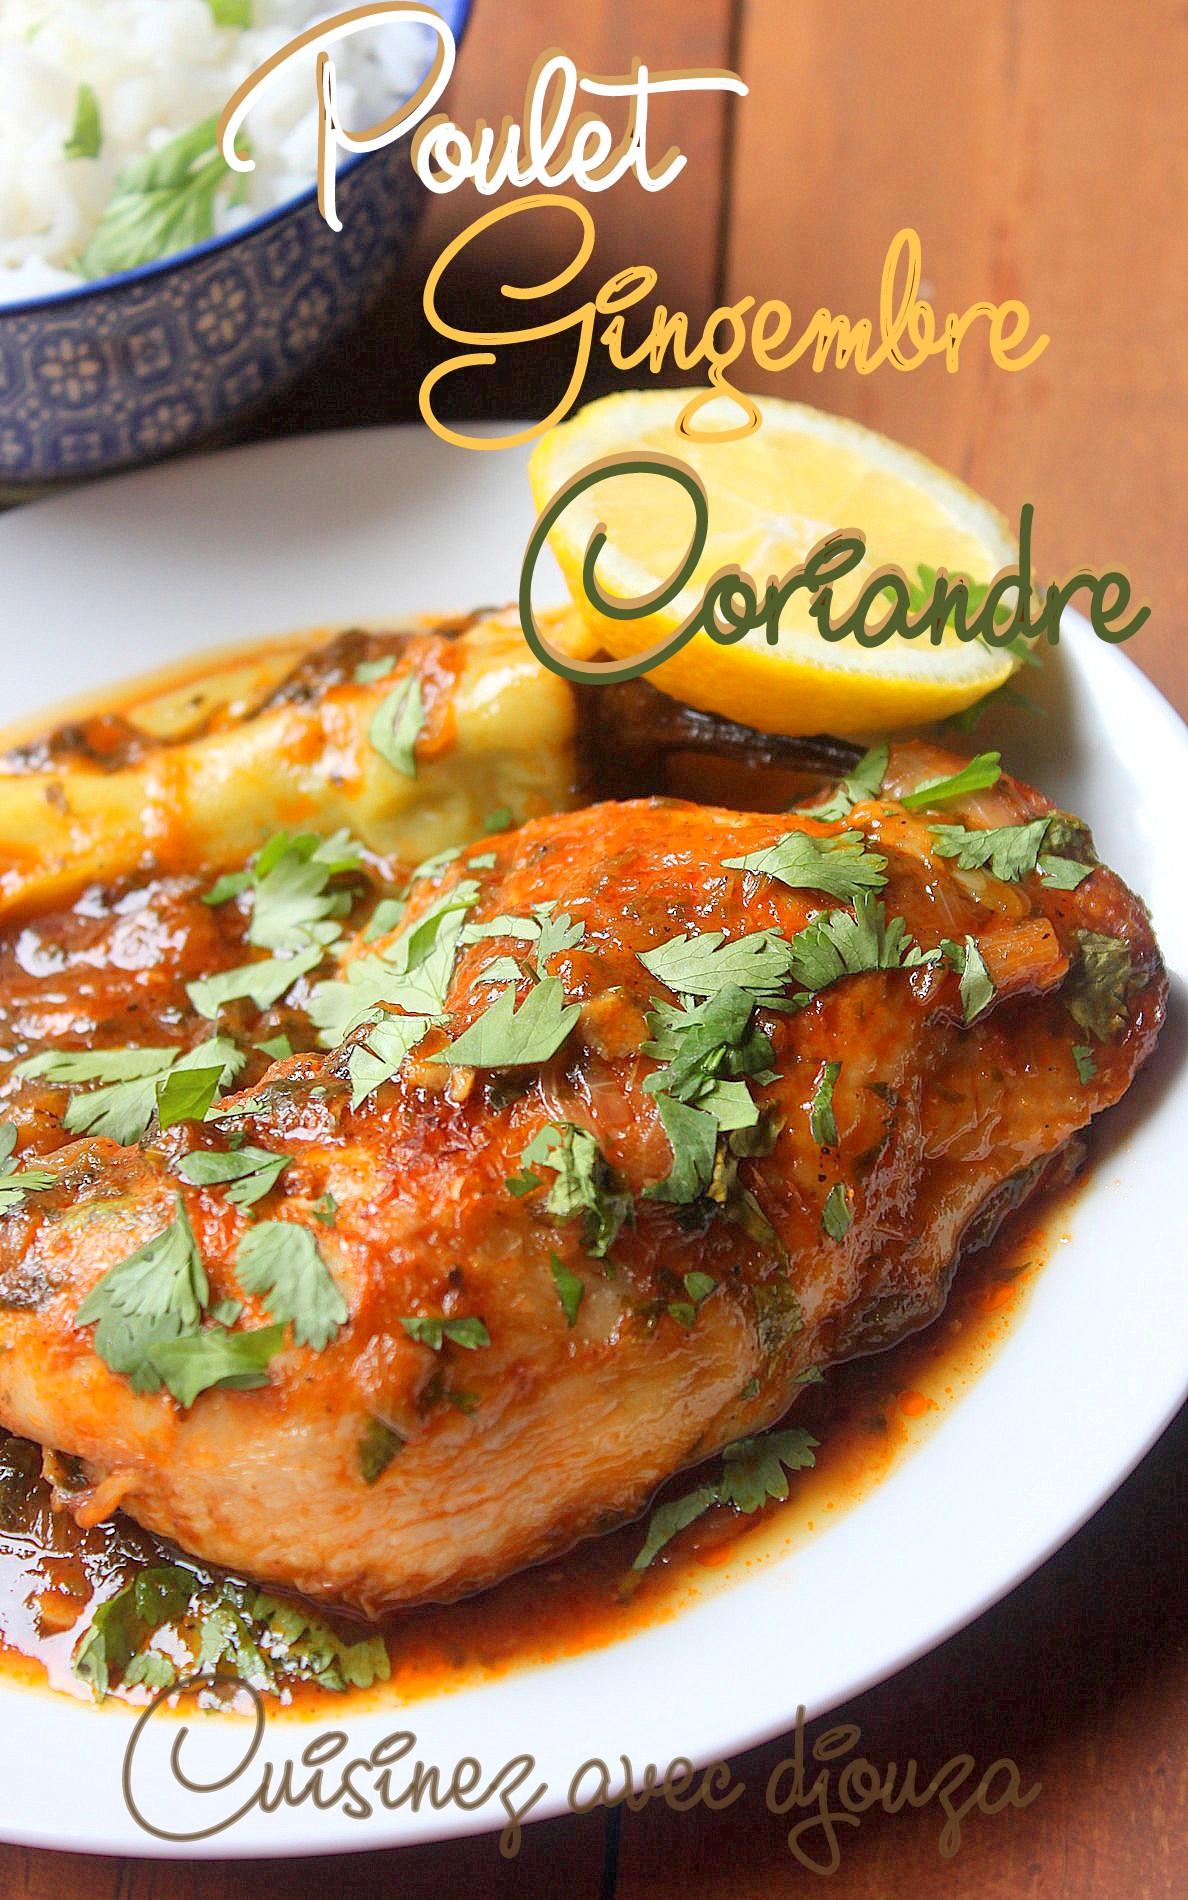 Cuisse de poulet au gingembre et coriandre